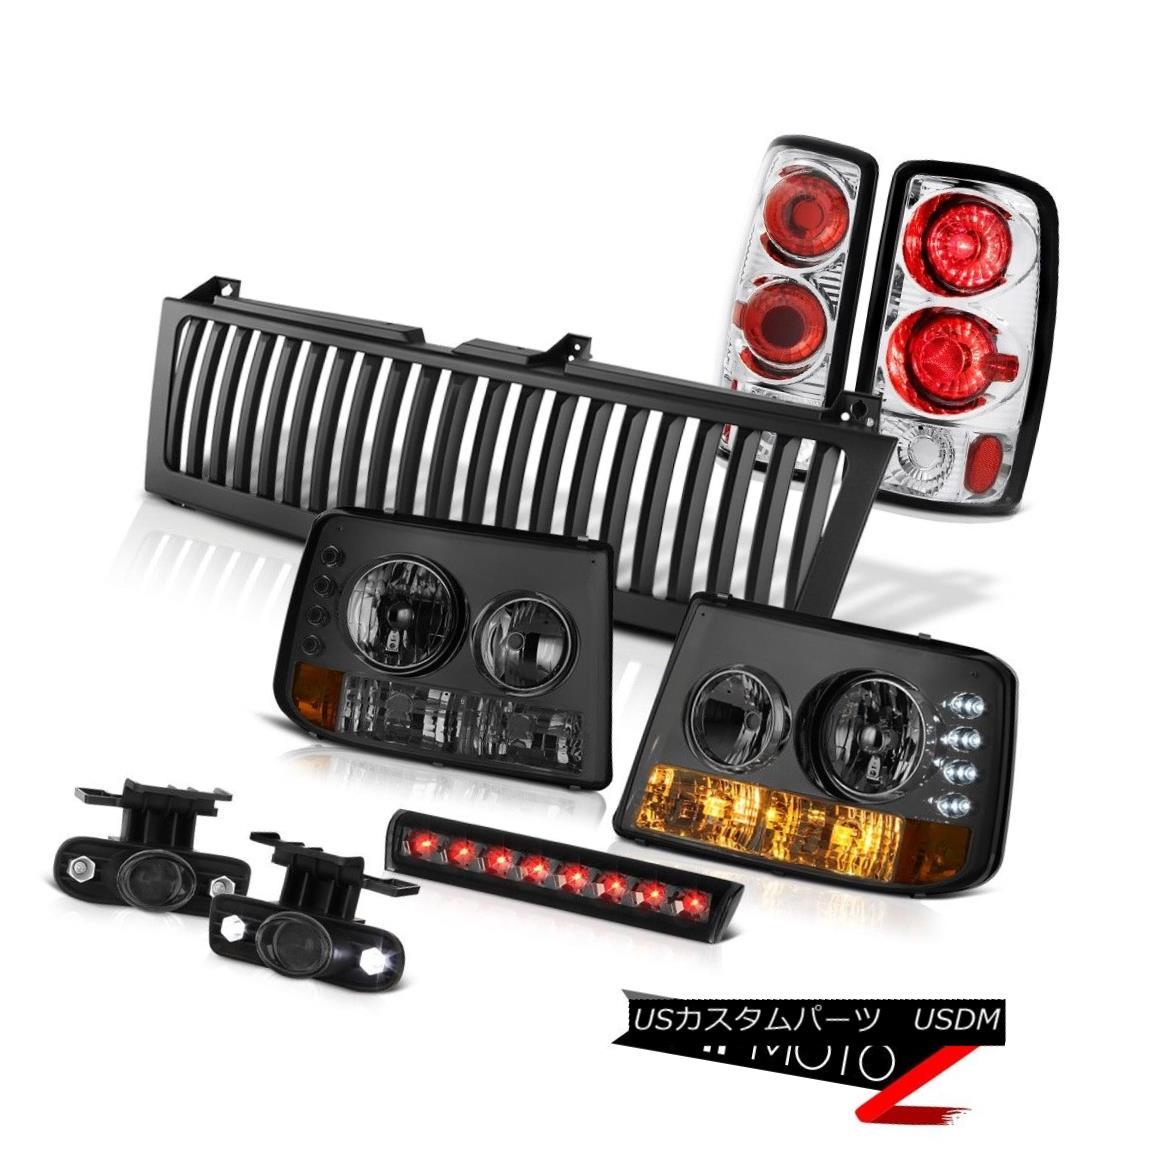 ヘッドライト Signal Headlights Rear Taillamps Halo Fog 3rd LED Black 2000-2006 Chevy Tahoe シグナルヘッドライトリアタイヤルプスHalo Fog 3rd LED Black 2000-2006 Chevy Tahoe